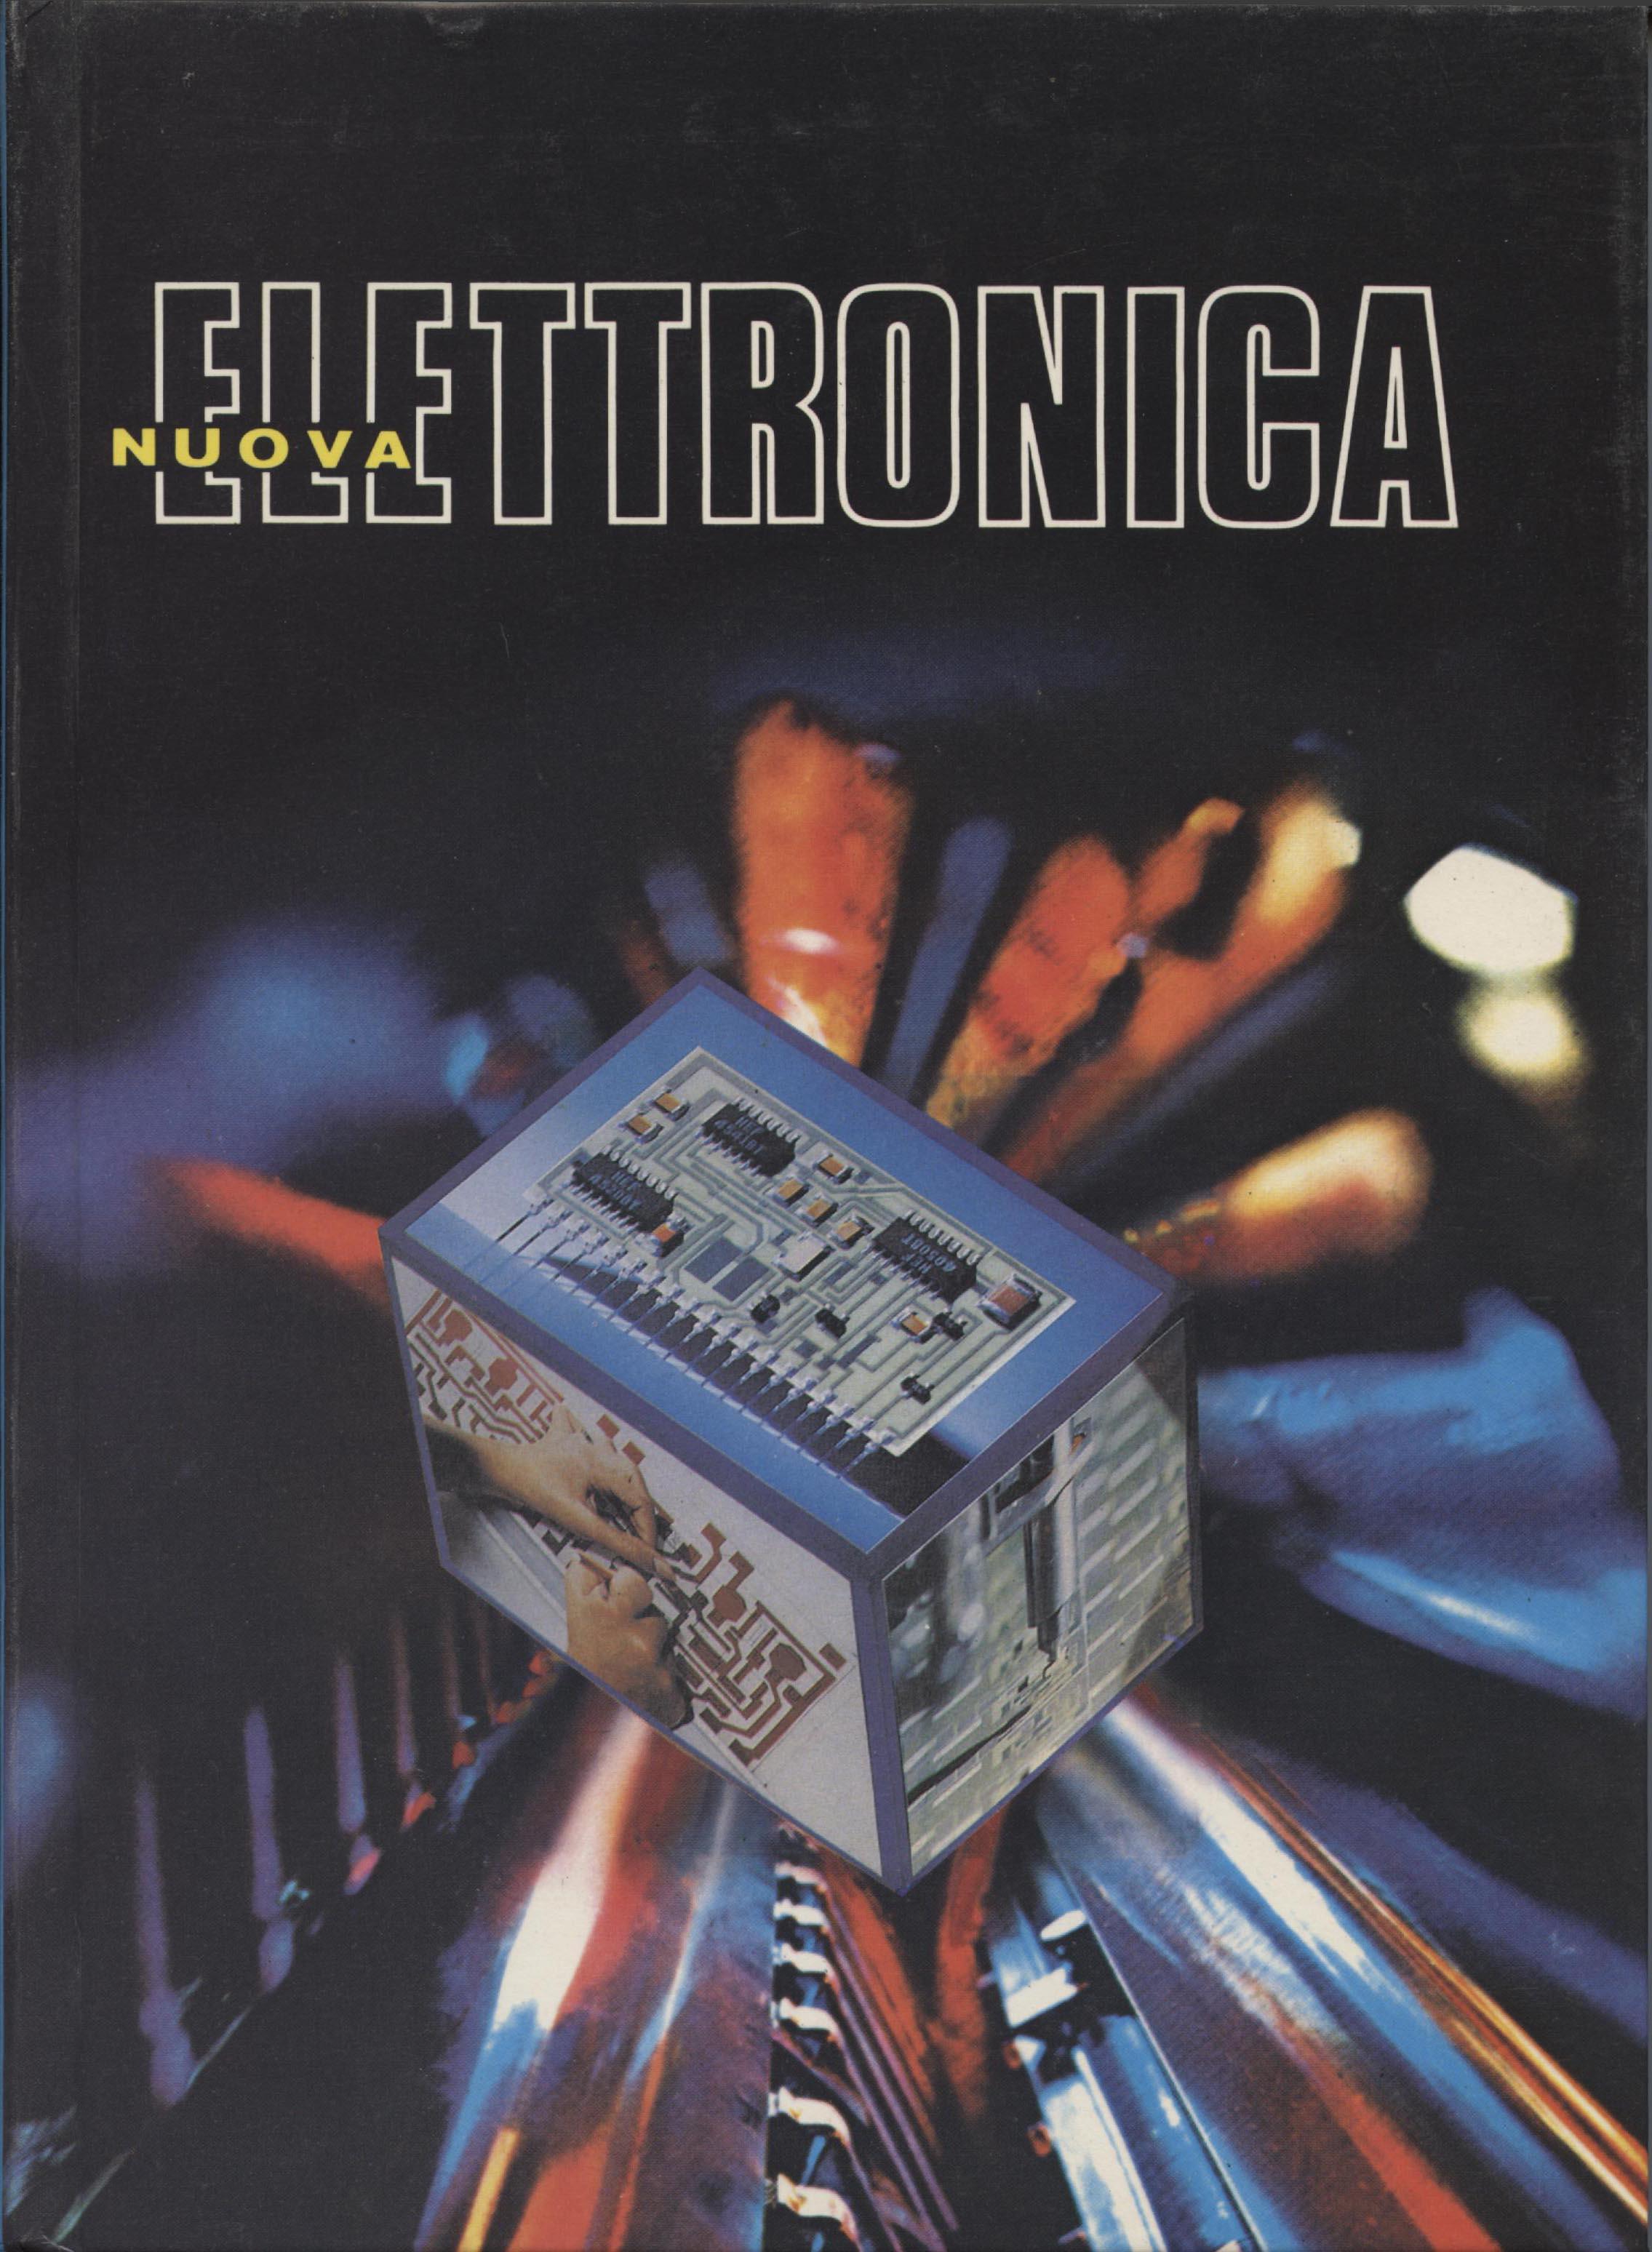 Nuova Elettronica